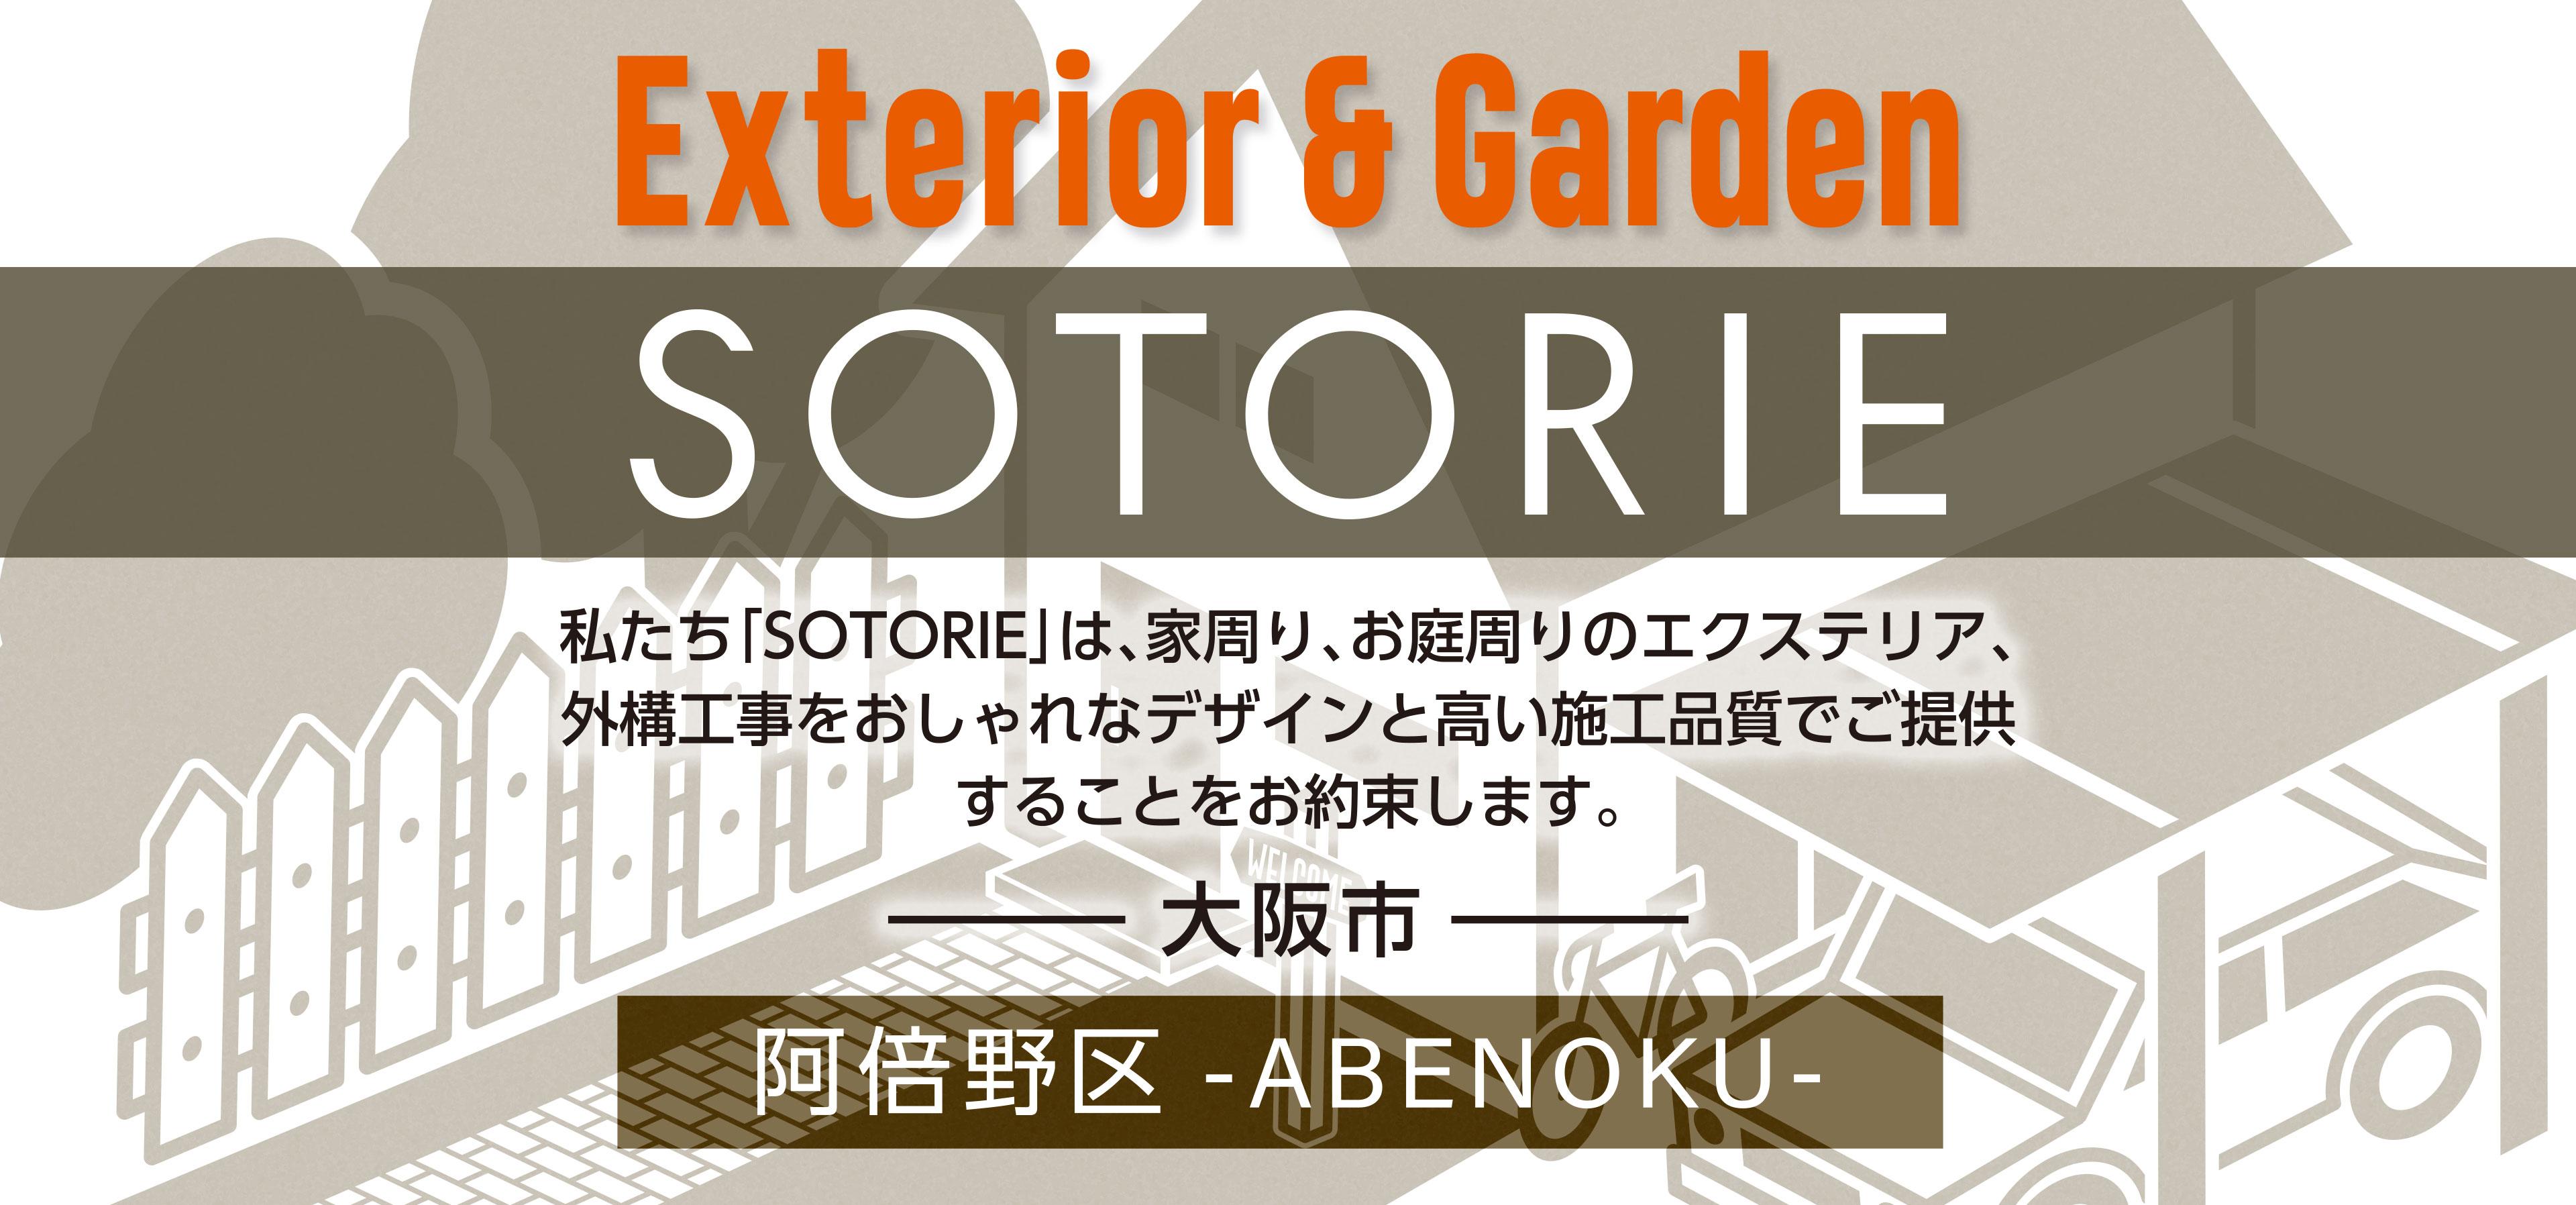 ソトリエ大阪市阿倍野区では、家周りと庭周りの外構、エクステリア工事をおしゃれなデザインと高い施工品質でご提供することをお約束します。